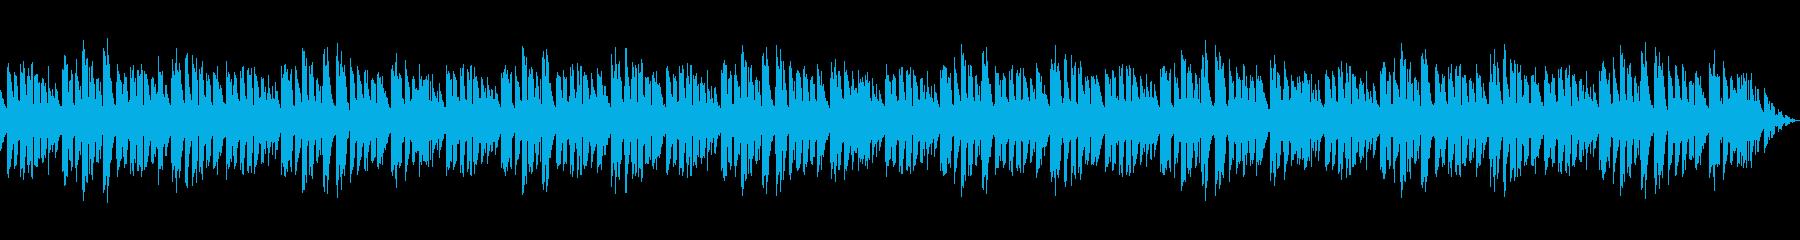 日常シーンの動画BGM リコーダーの再生済みの波形